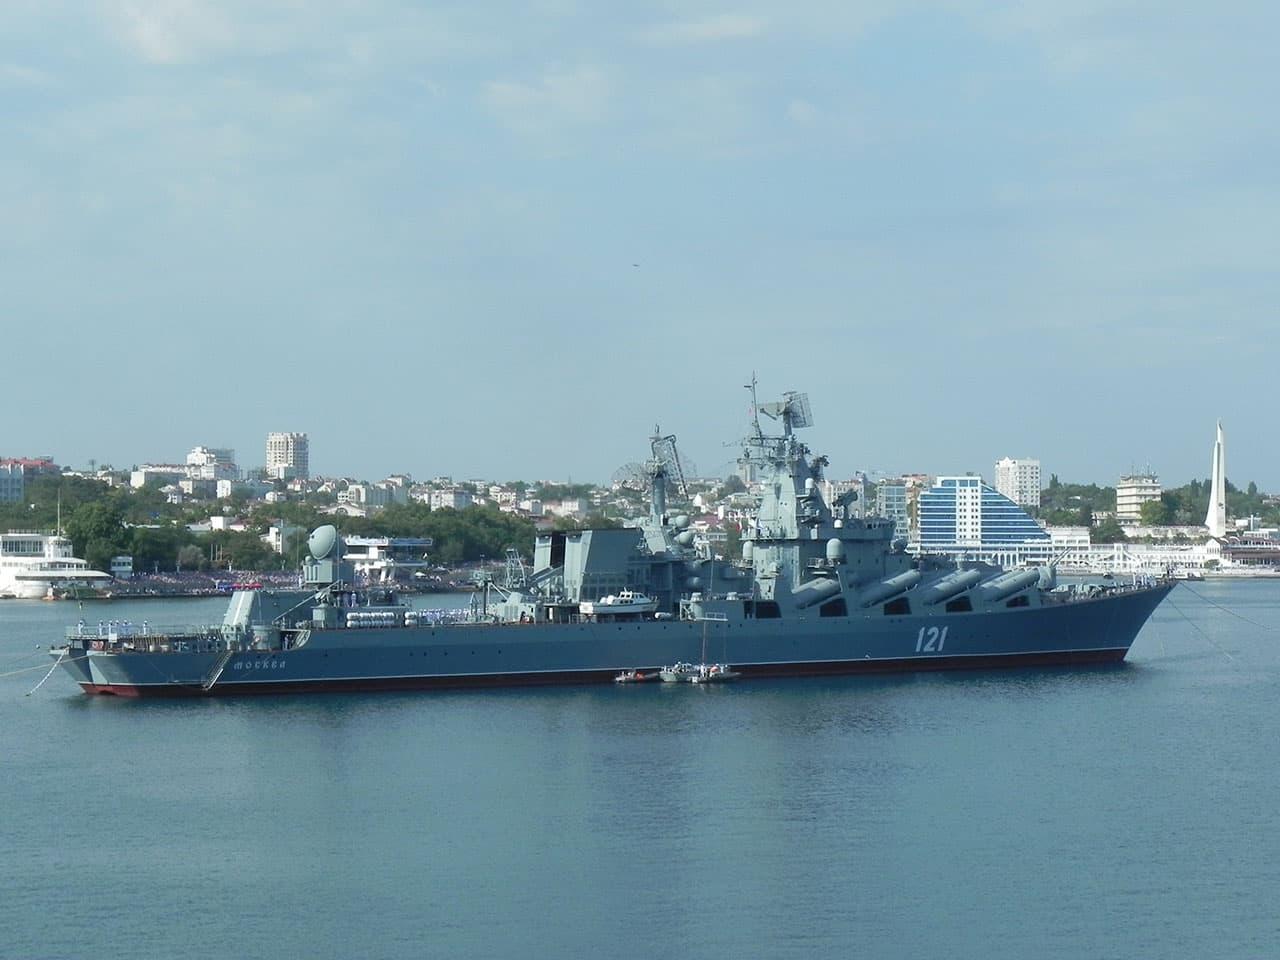 День ВМФ крейсер Москва фото с северной стороны Севастополя